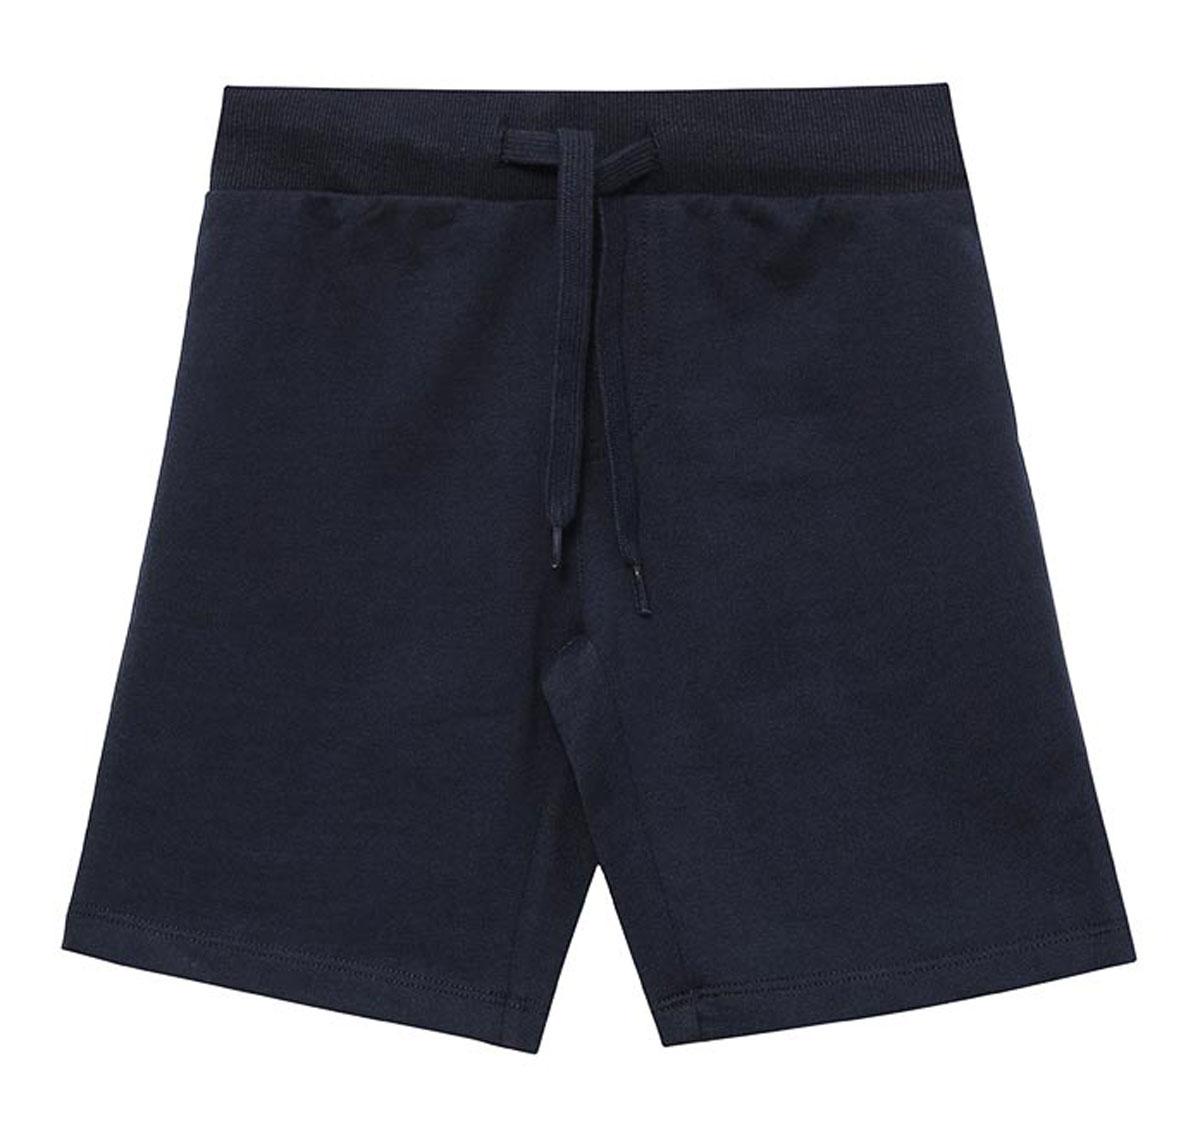 Шорты для мальчика Sela, цвет: темно-синий. SHk-715/302-7161. Размер 92, 2 годаSHk-715/302-7161Удобные шорты для мальчика Sela выполнены из качественного хлопкового материала в спортивном стиле. Шорты прямого кроя и стандартной посадки на талии имеют широкий пояс на мягкой резинке, дополнительно регулируемый шнурком.